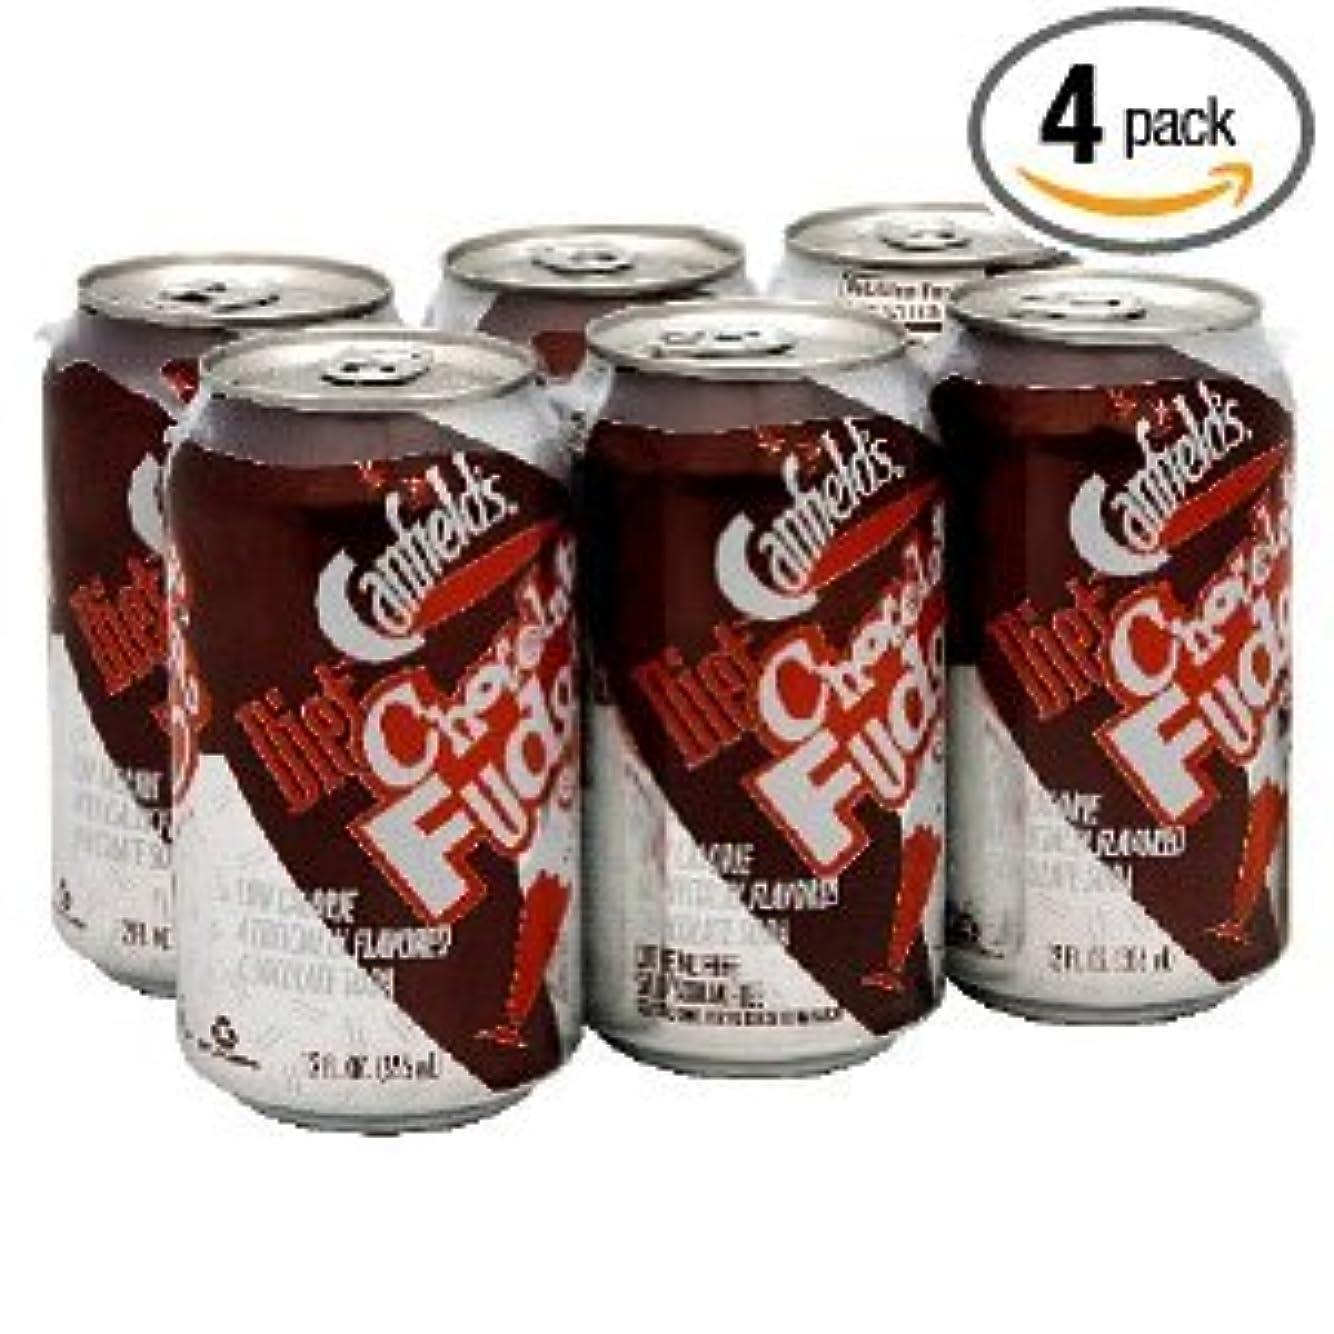 ペック取る環境に優しいキャンフィールド社 チョコレートファッジダイエットソーダー24本海外直送品